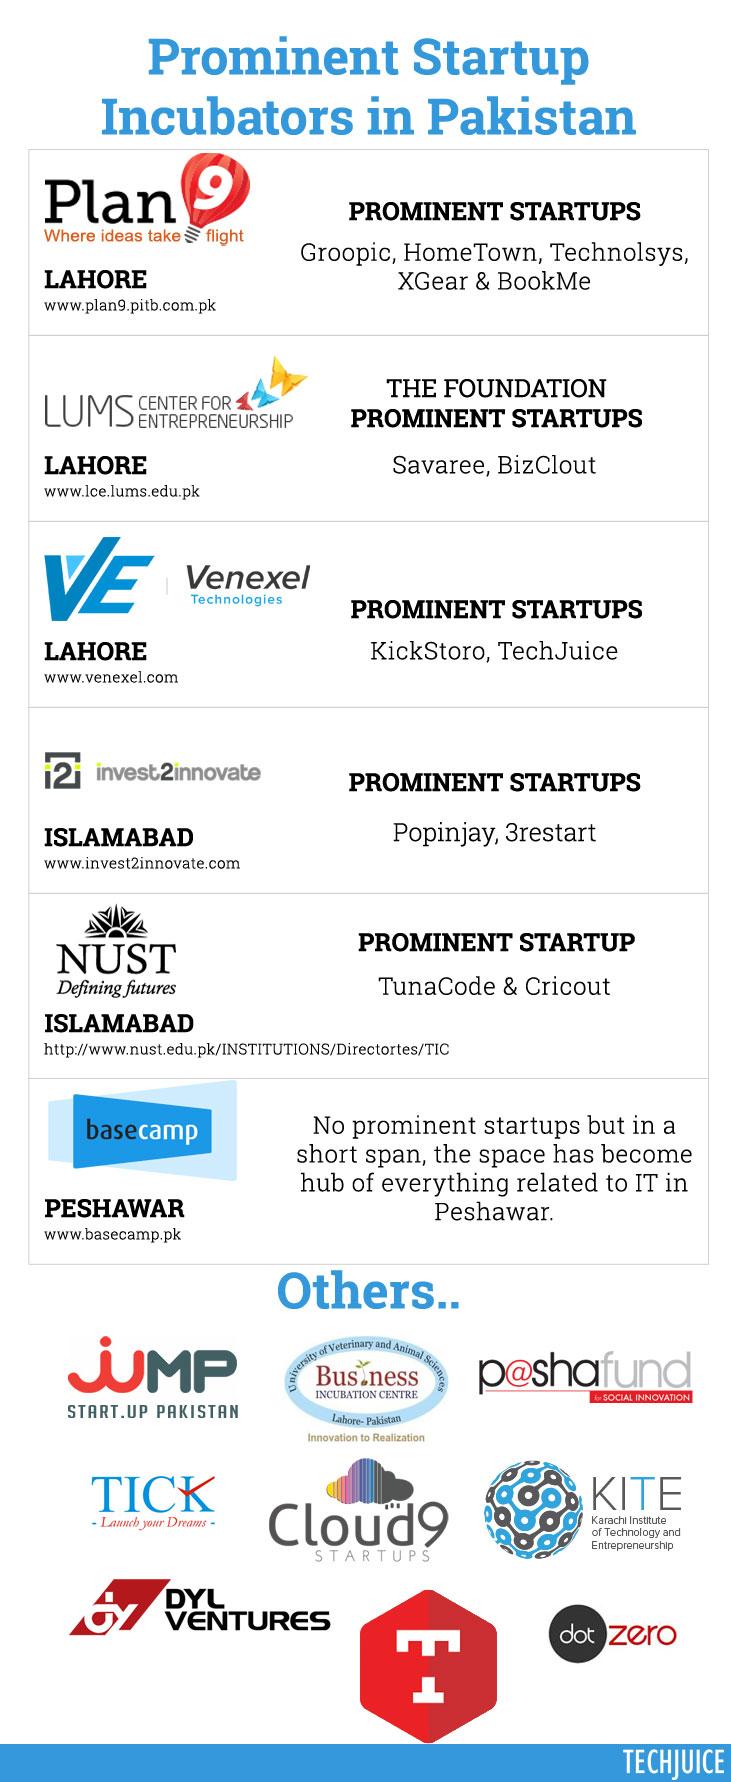 Startup-Incubators-in-Pakistan